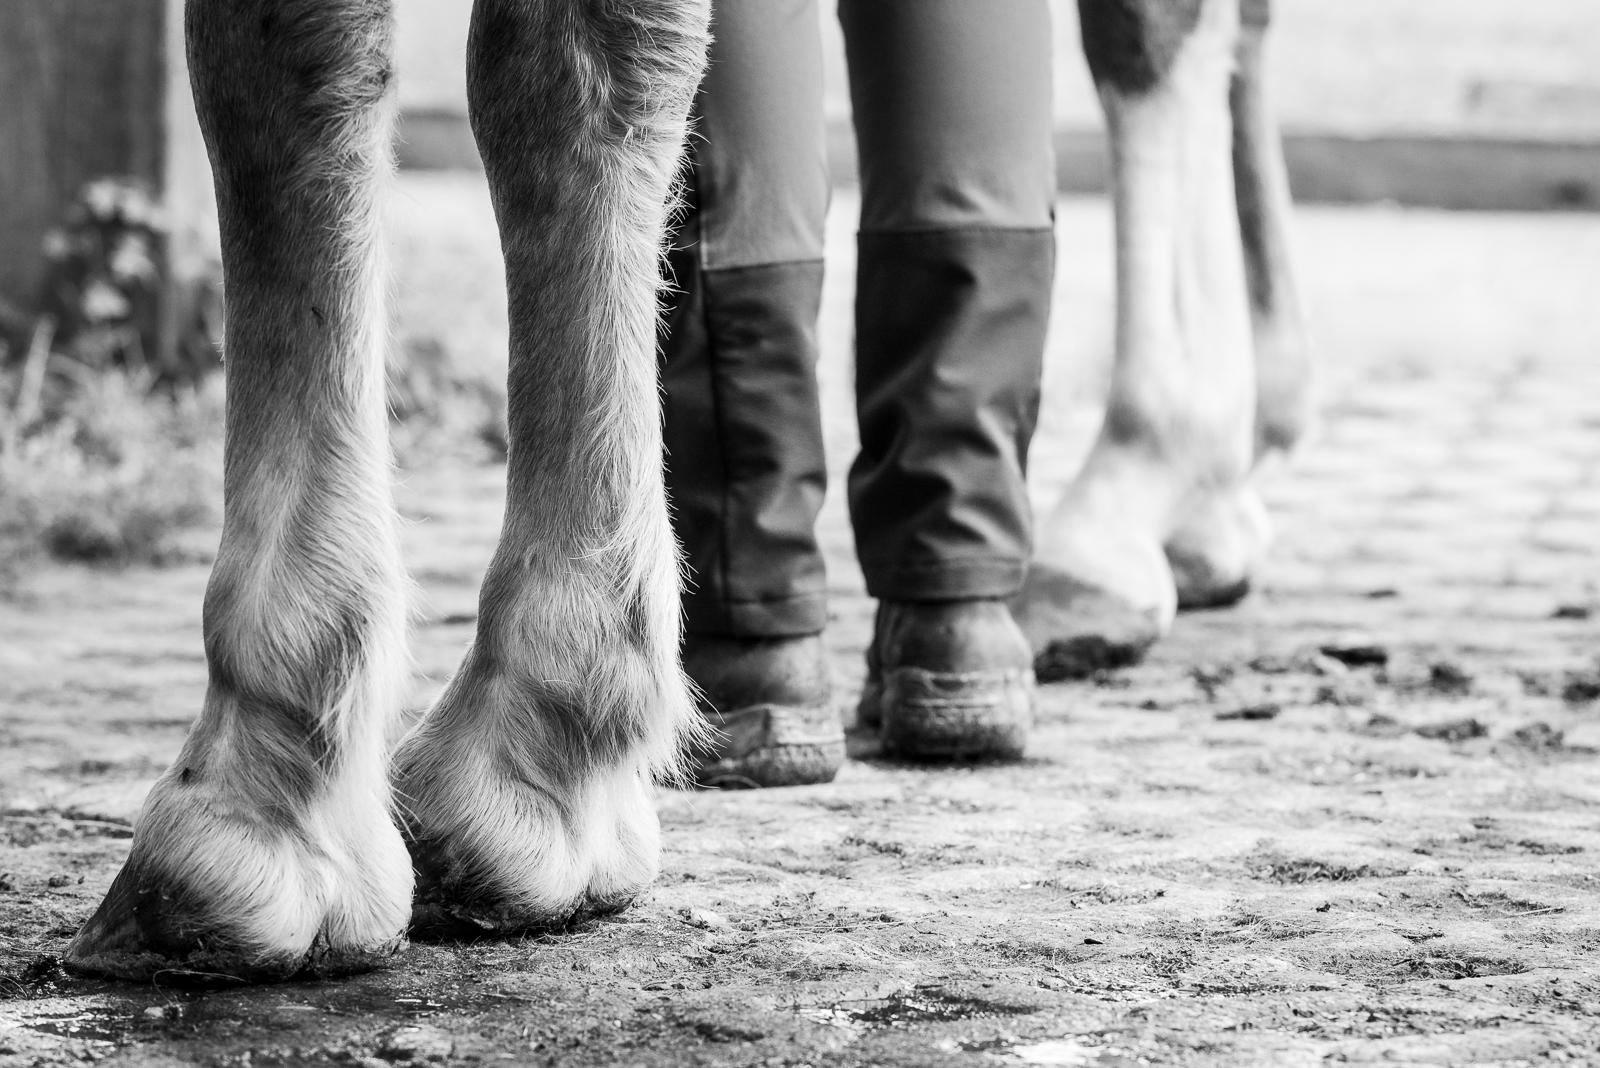 Schwarz weiß Foto | Füße und Hufe | dokumentarische Pferdefotografie | Sarah Koutnik Fotografie